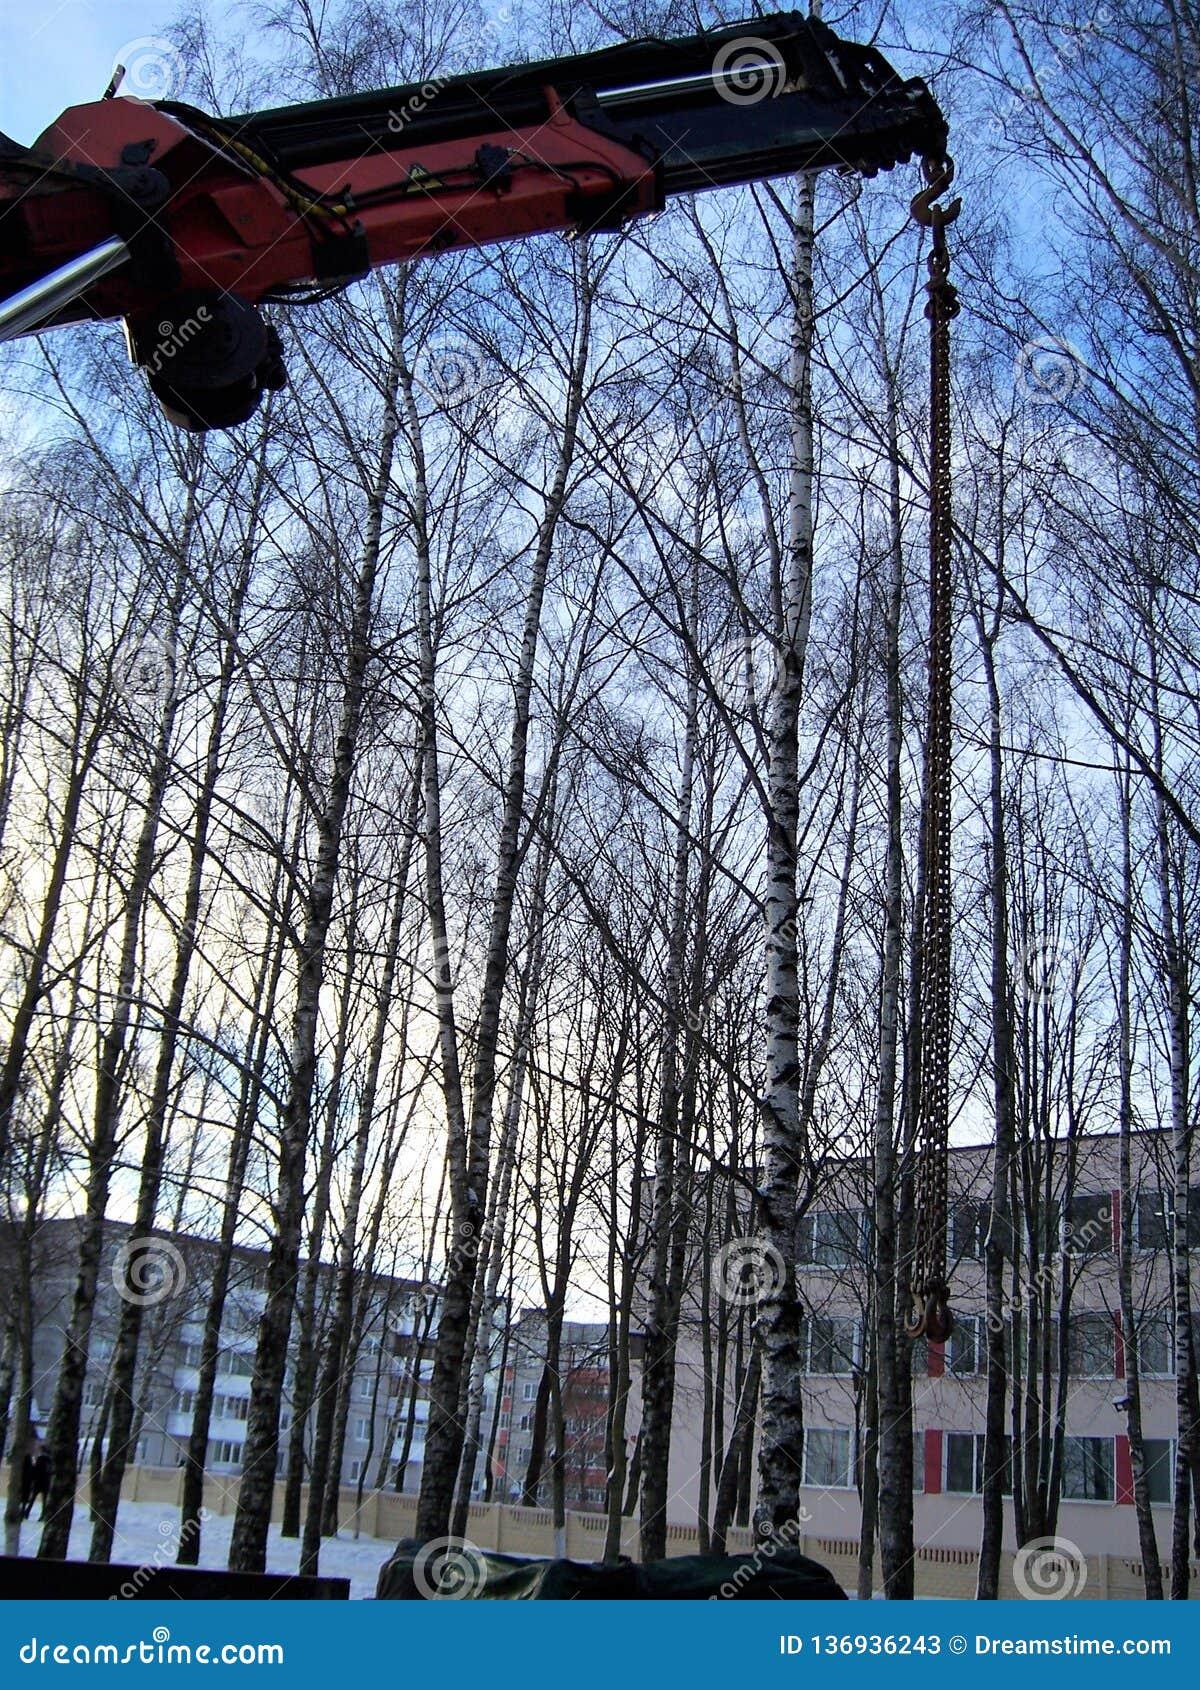 Obras, o guindaste delevantamento do automóvel, seta na perspectiva das árvores, inverno do guindaste do caminhão, a cidade,